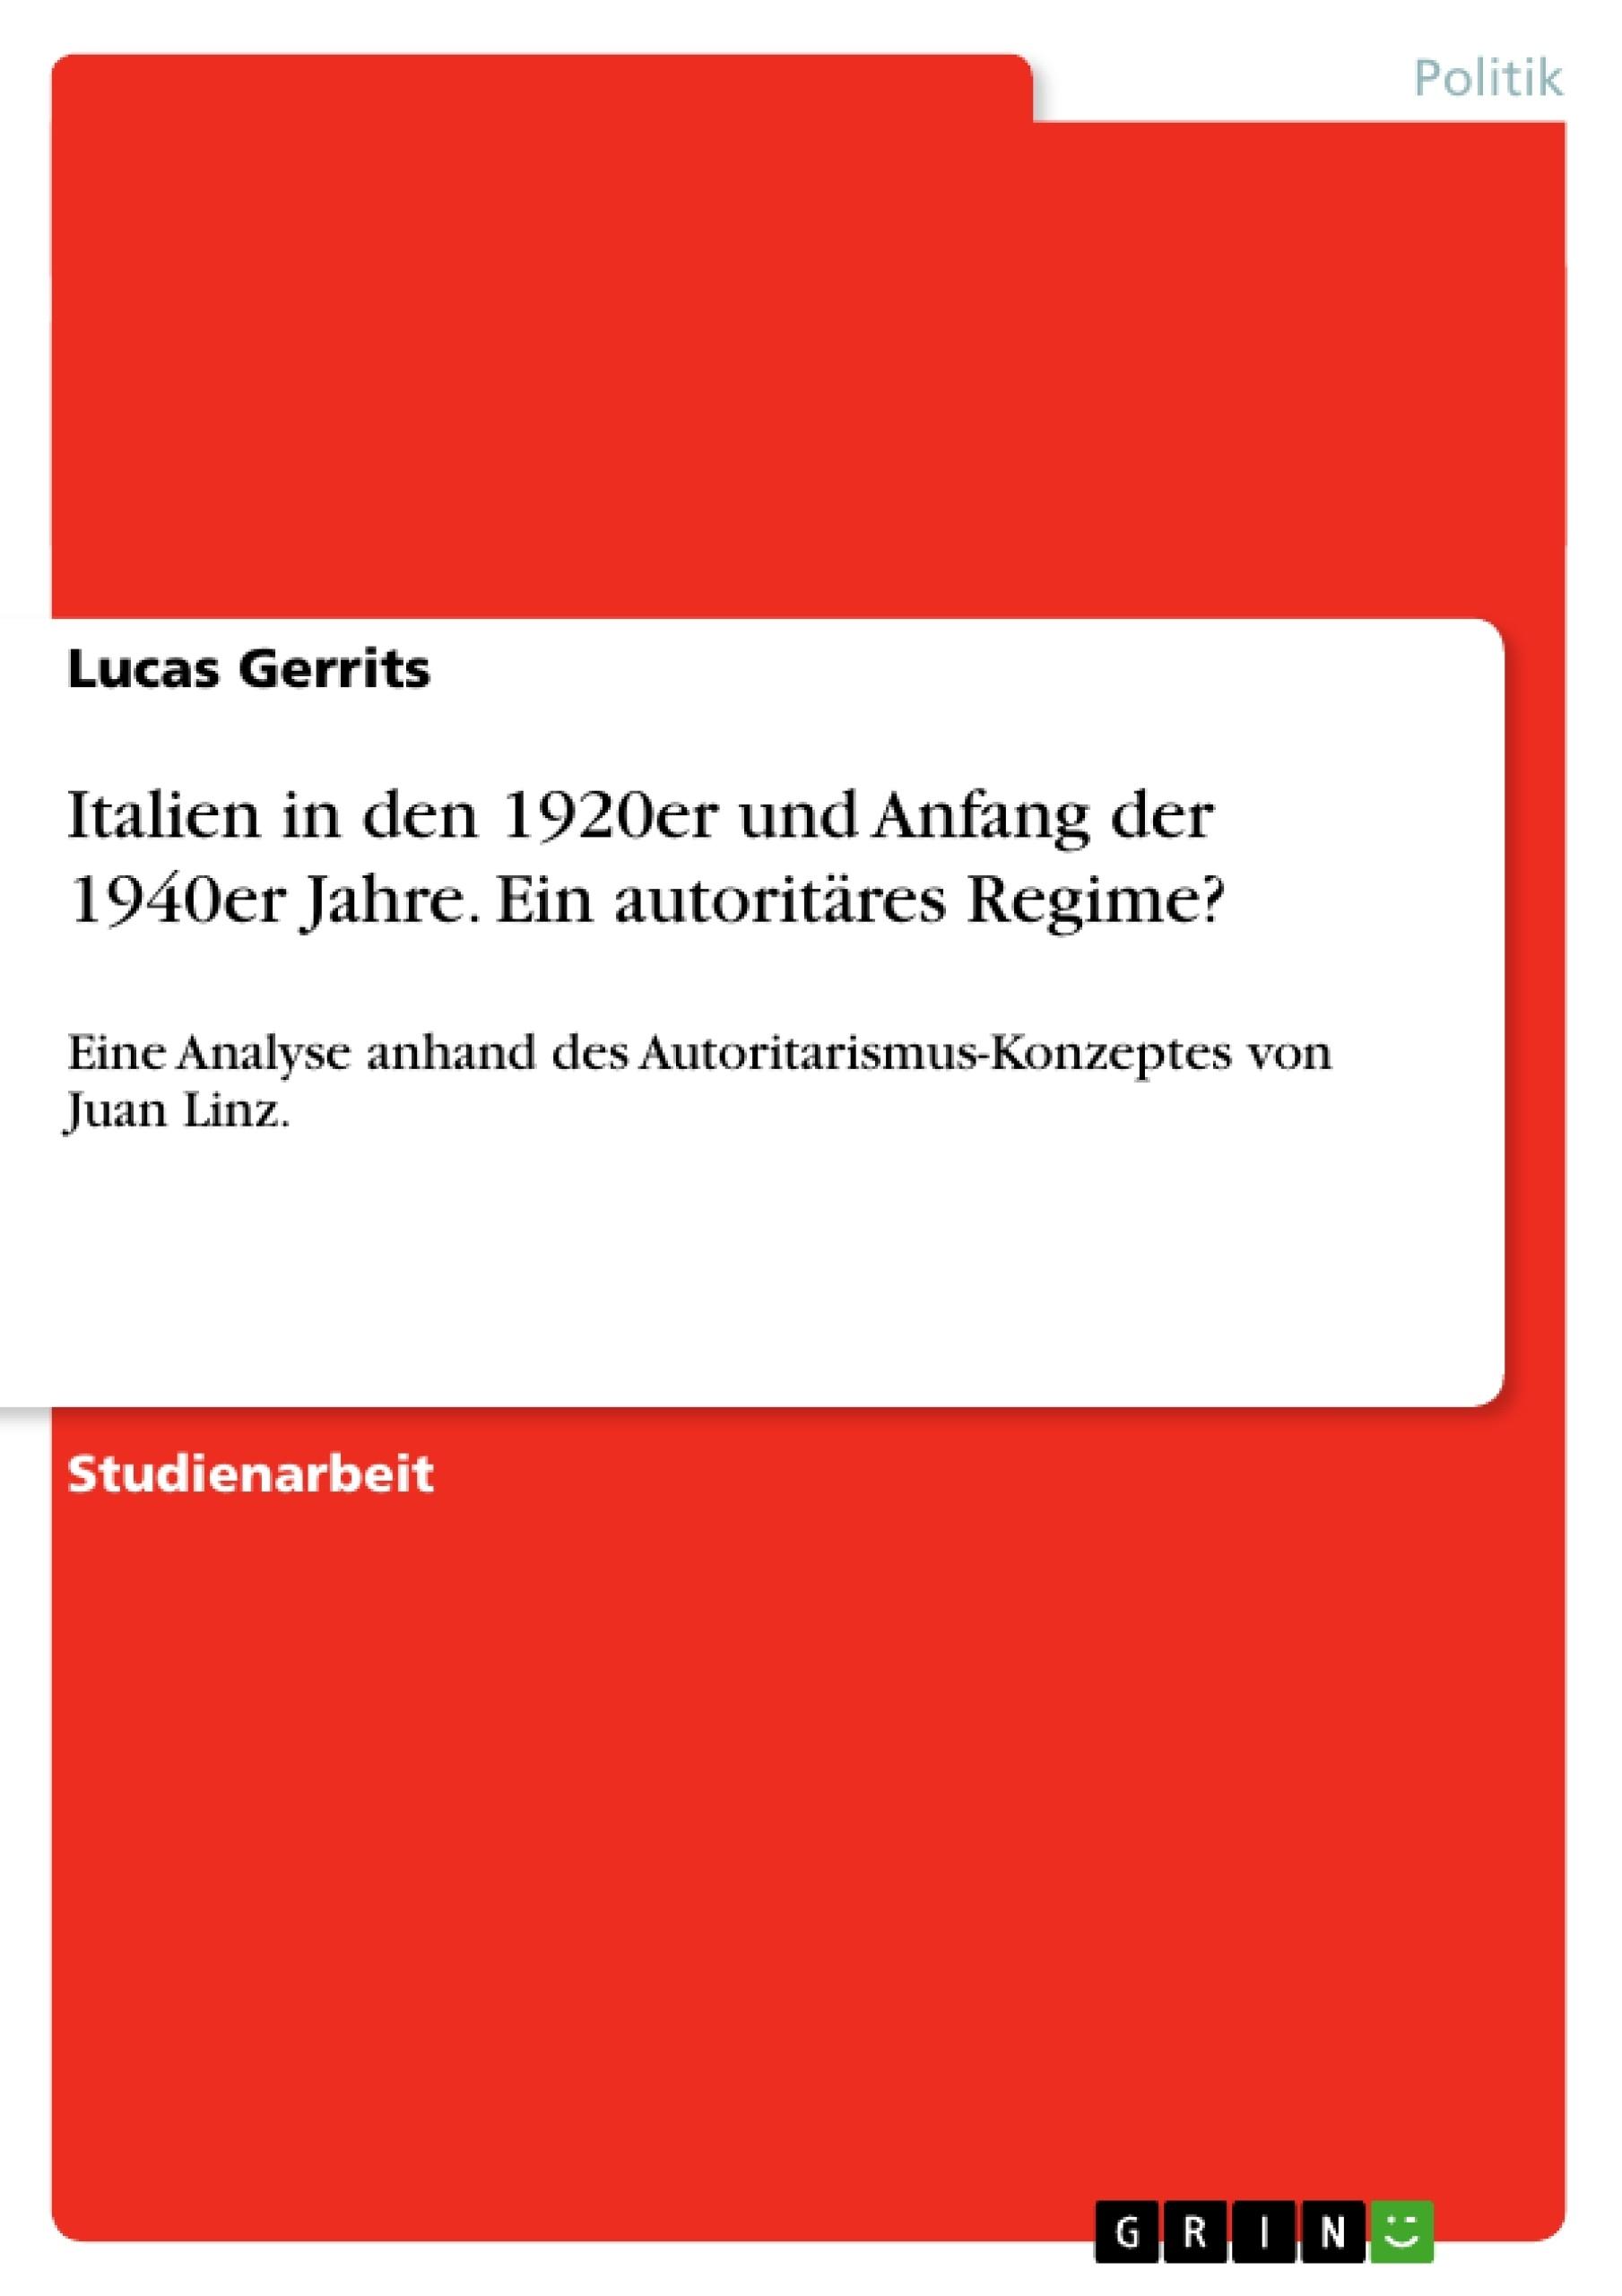 Titel: Italien in den 1920er und Anfang der 1940er Jahre. Ein autoritäres Regime?